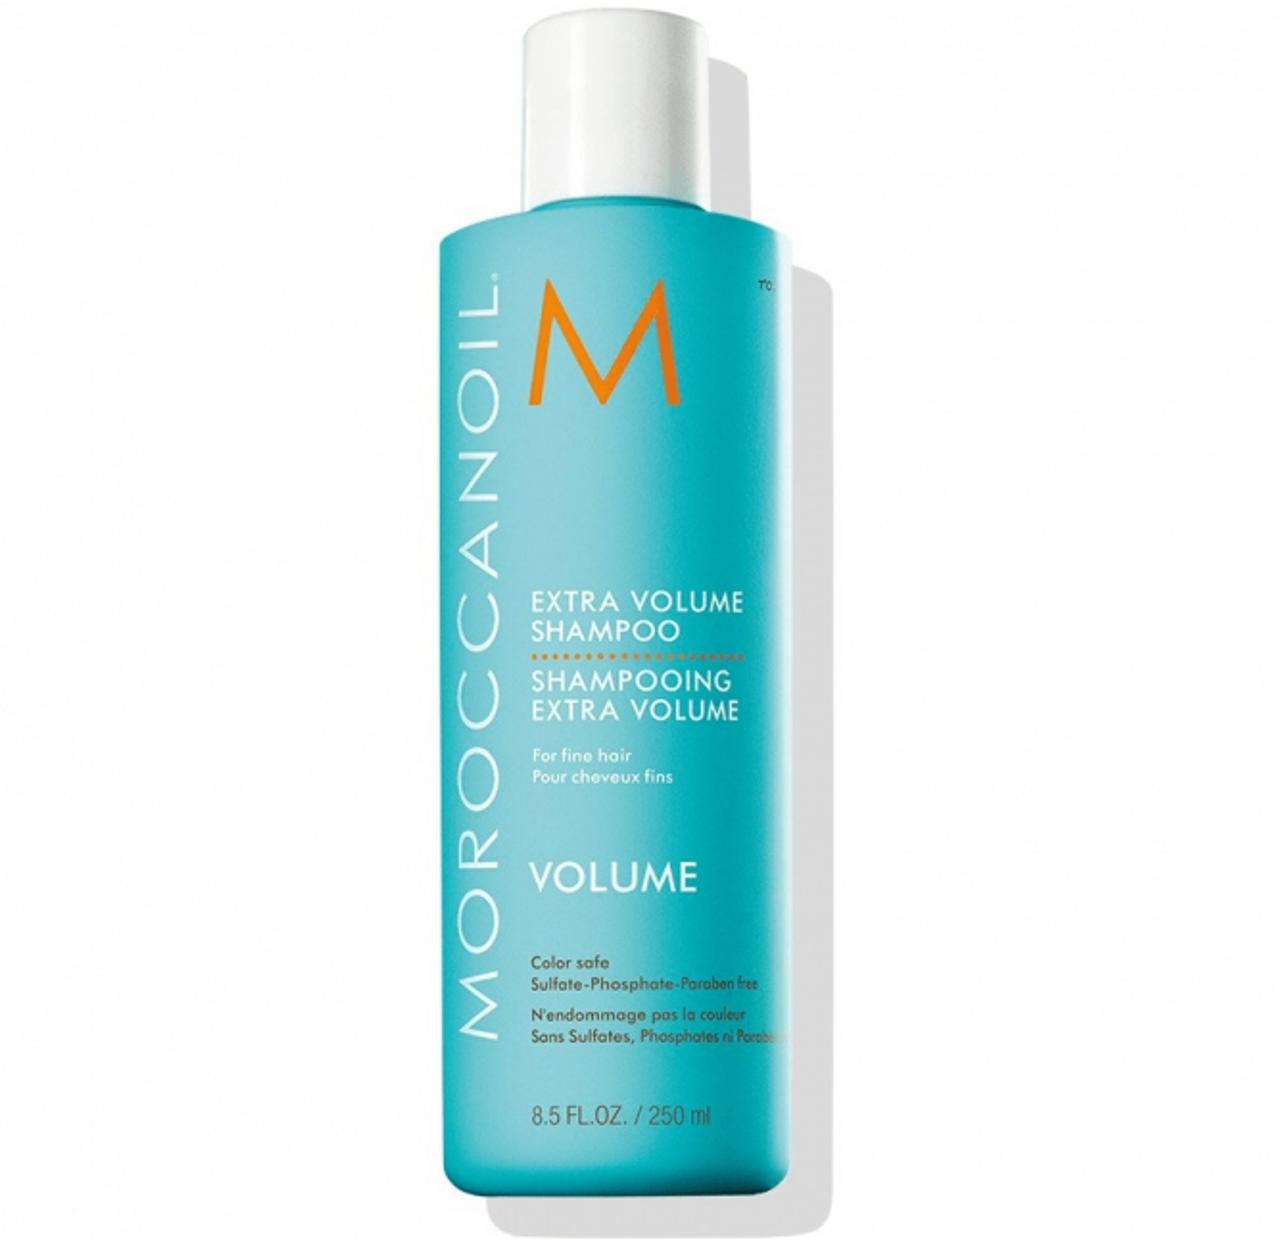 Moroccanoil Volume Shampoo 8.5 oz